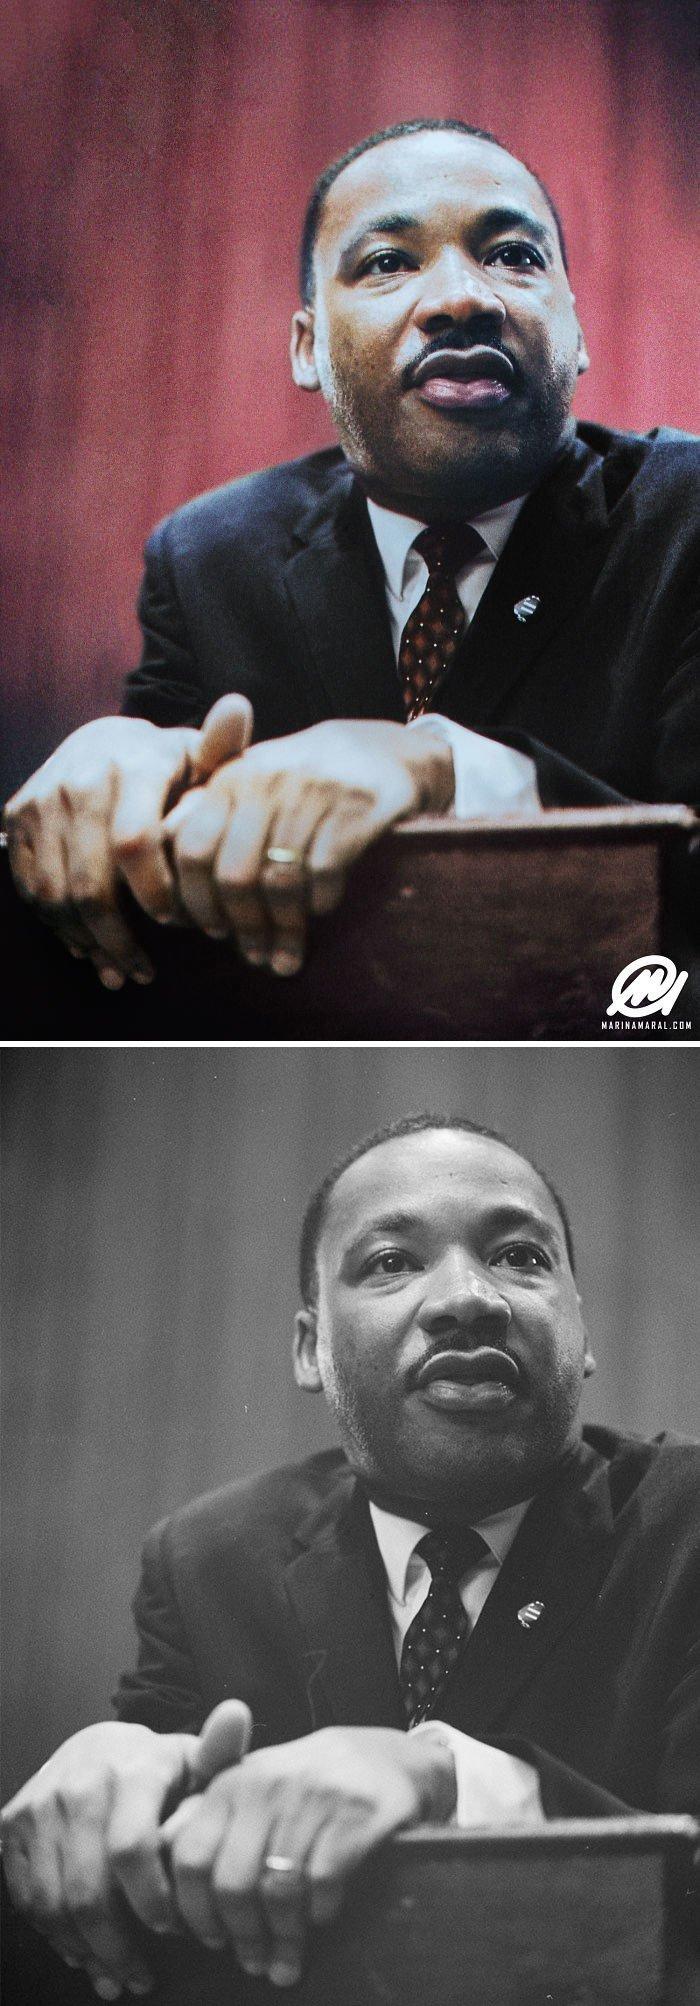 Мартин Лютер Кинг история, портрет, прошлое, событие, фотография, фотомир, цвет